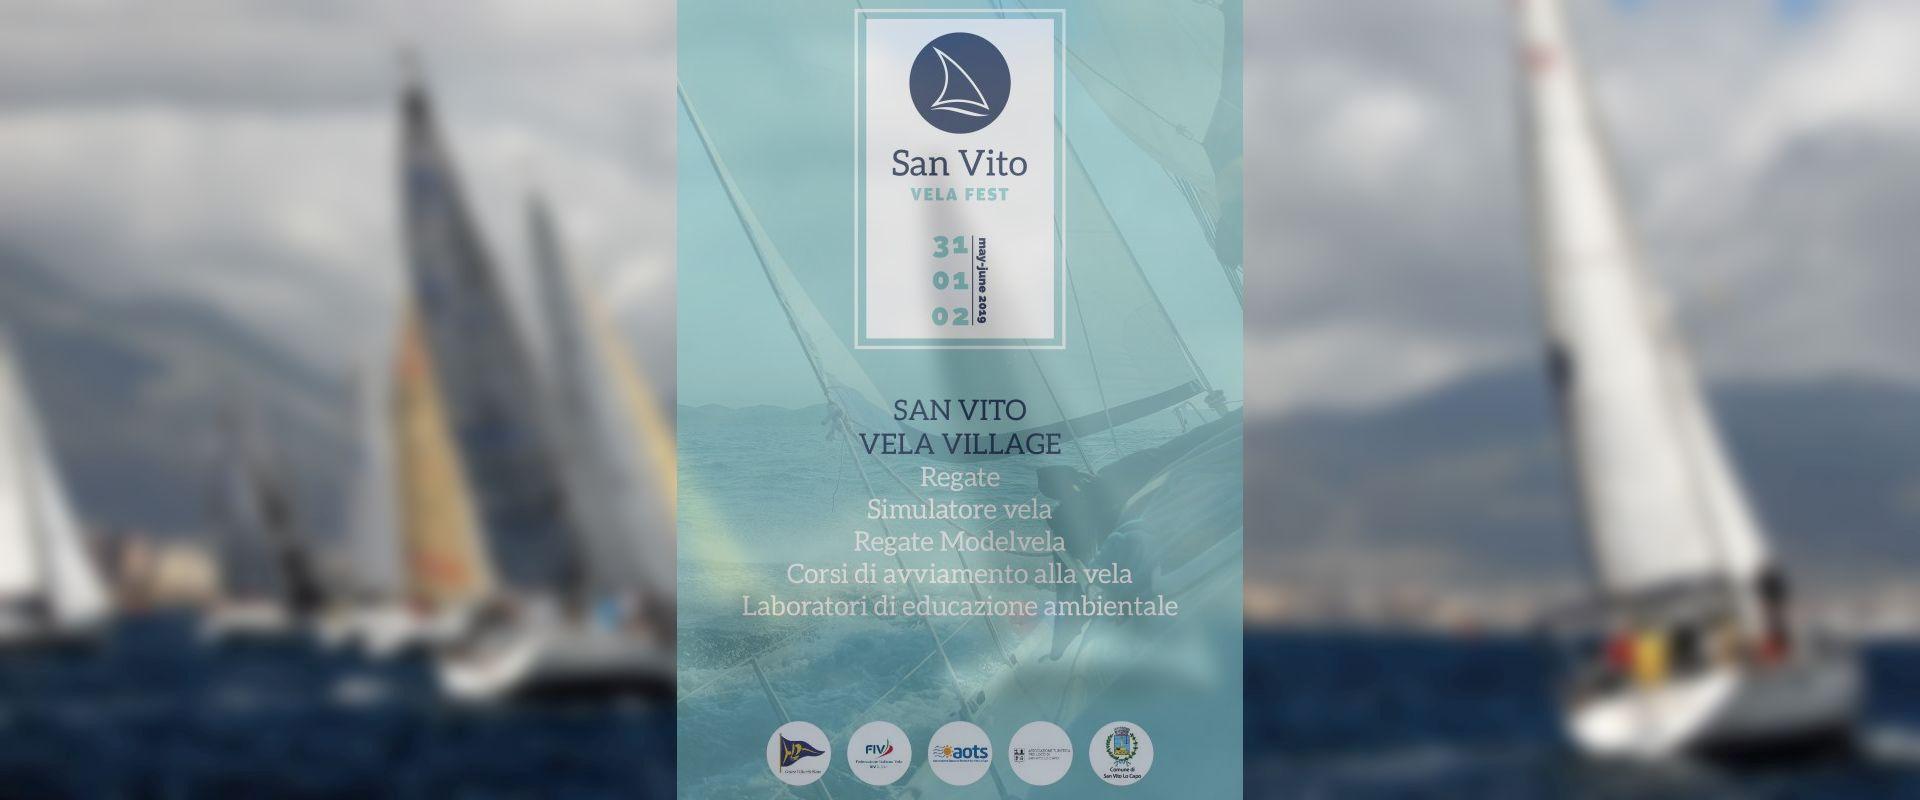 Veleggiata non competitiva Palermo San Vito Lo Capo 2019